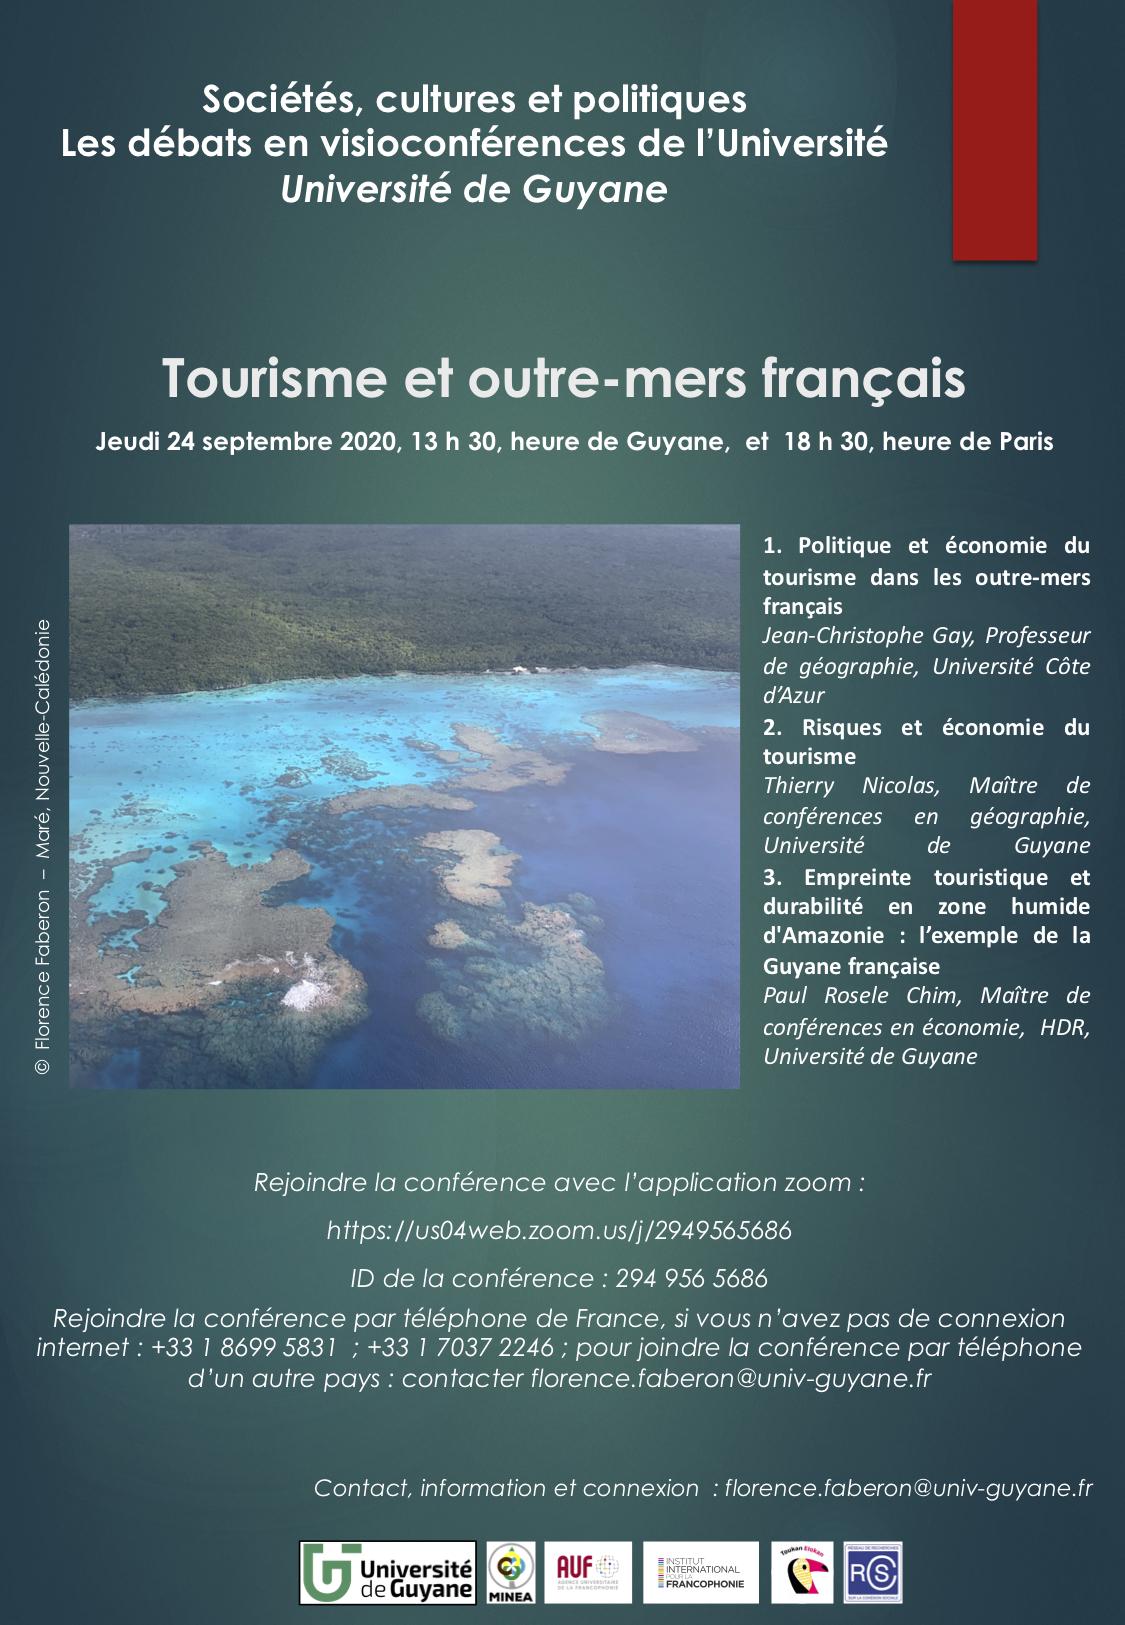 20200924 - Tourisme et outre-mers français - cycle de conférences